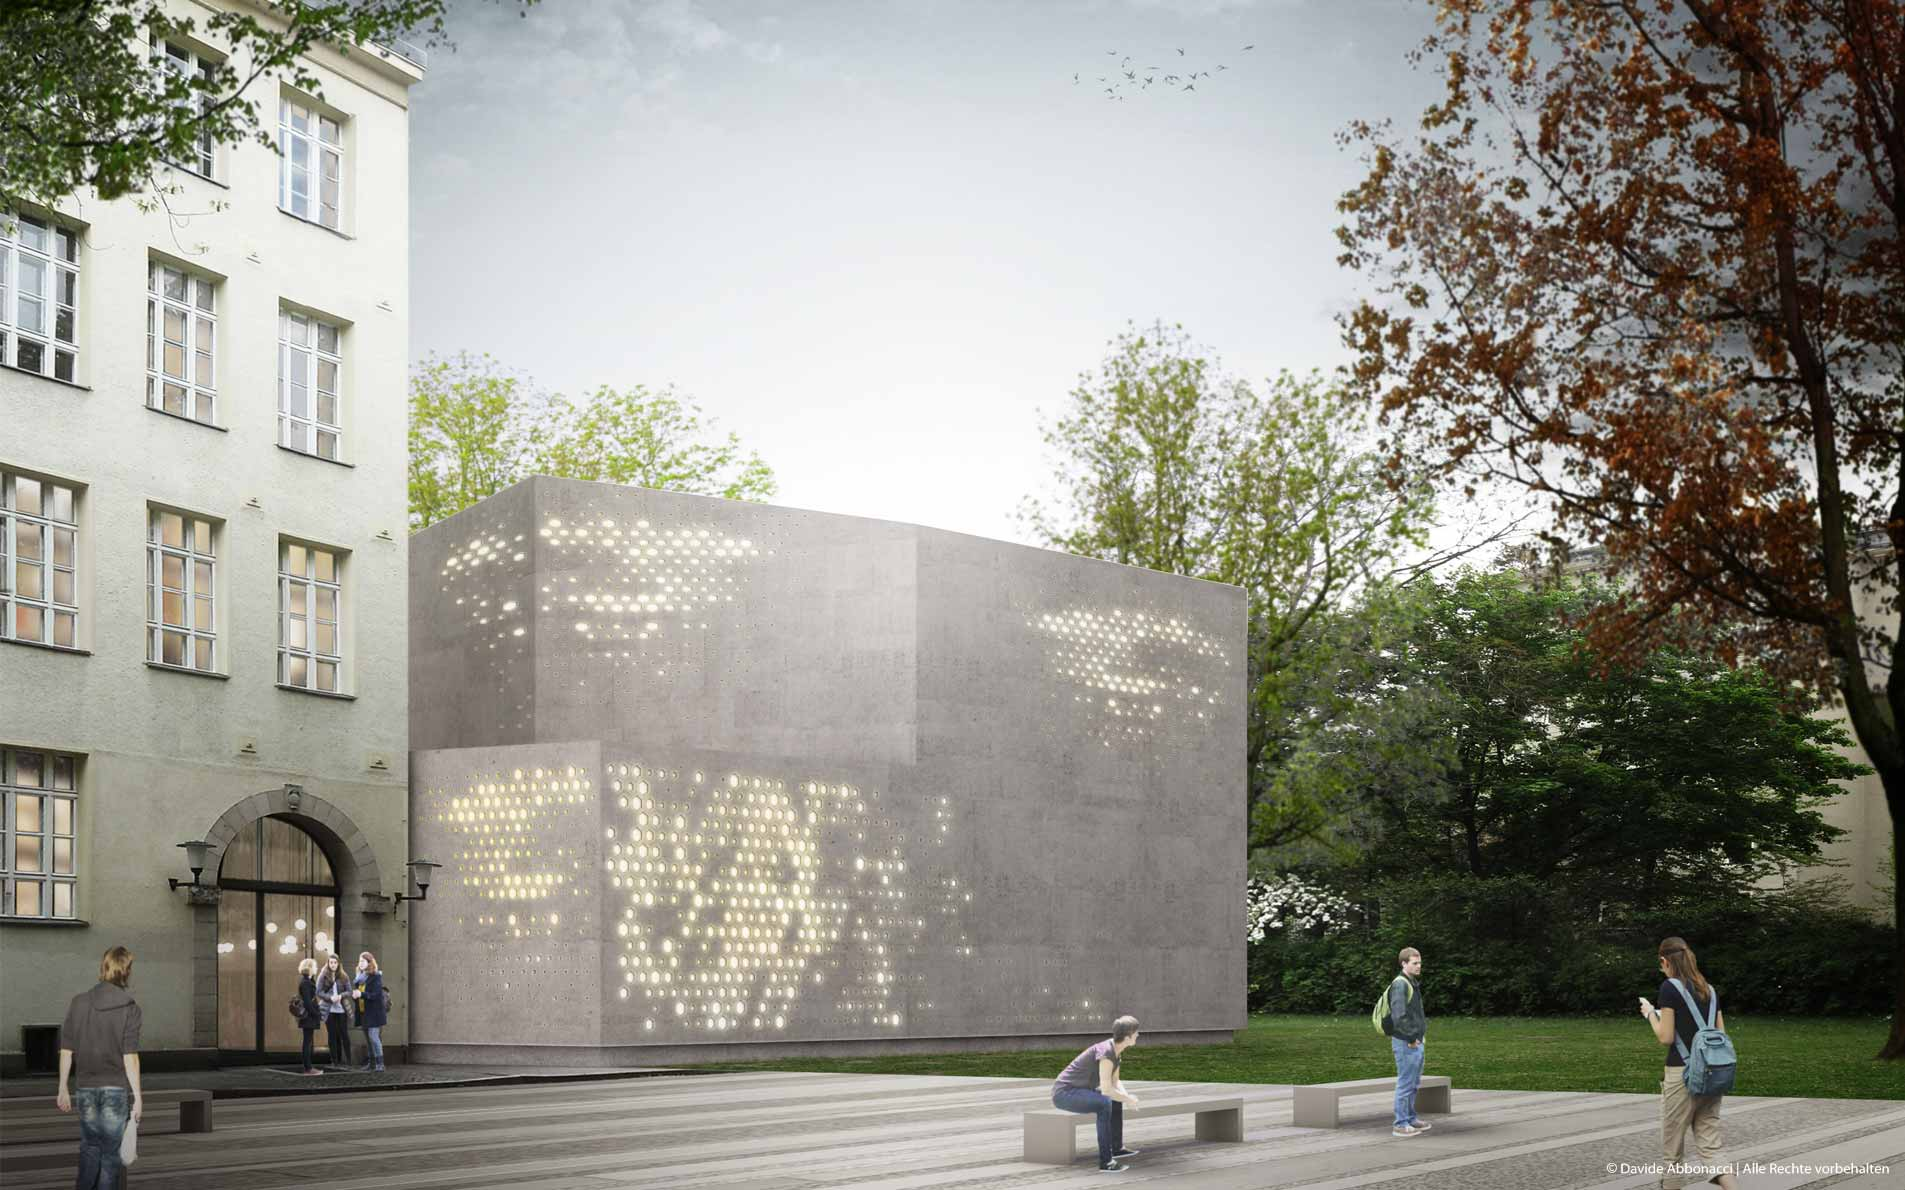 Händel Gymnasium, Berlin | Numrich Albrecht Klumpp Architekten | 2013 Wettbewerbsvisualisierung | 1. Preis